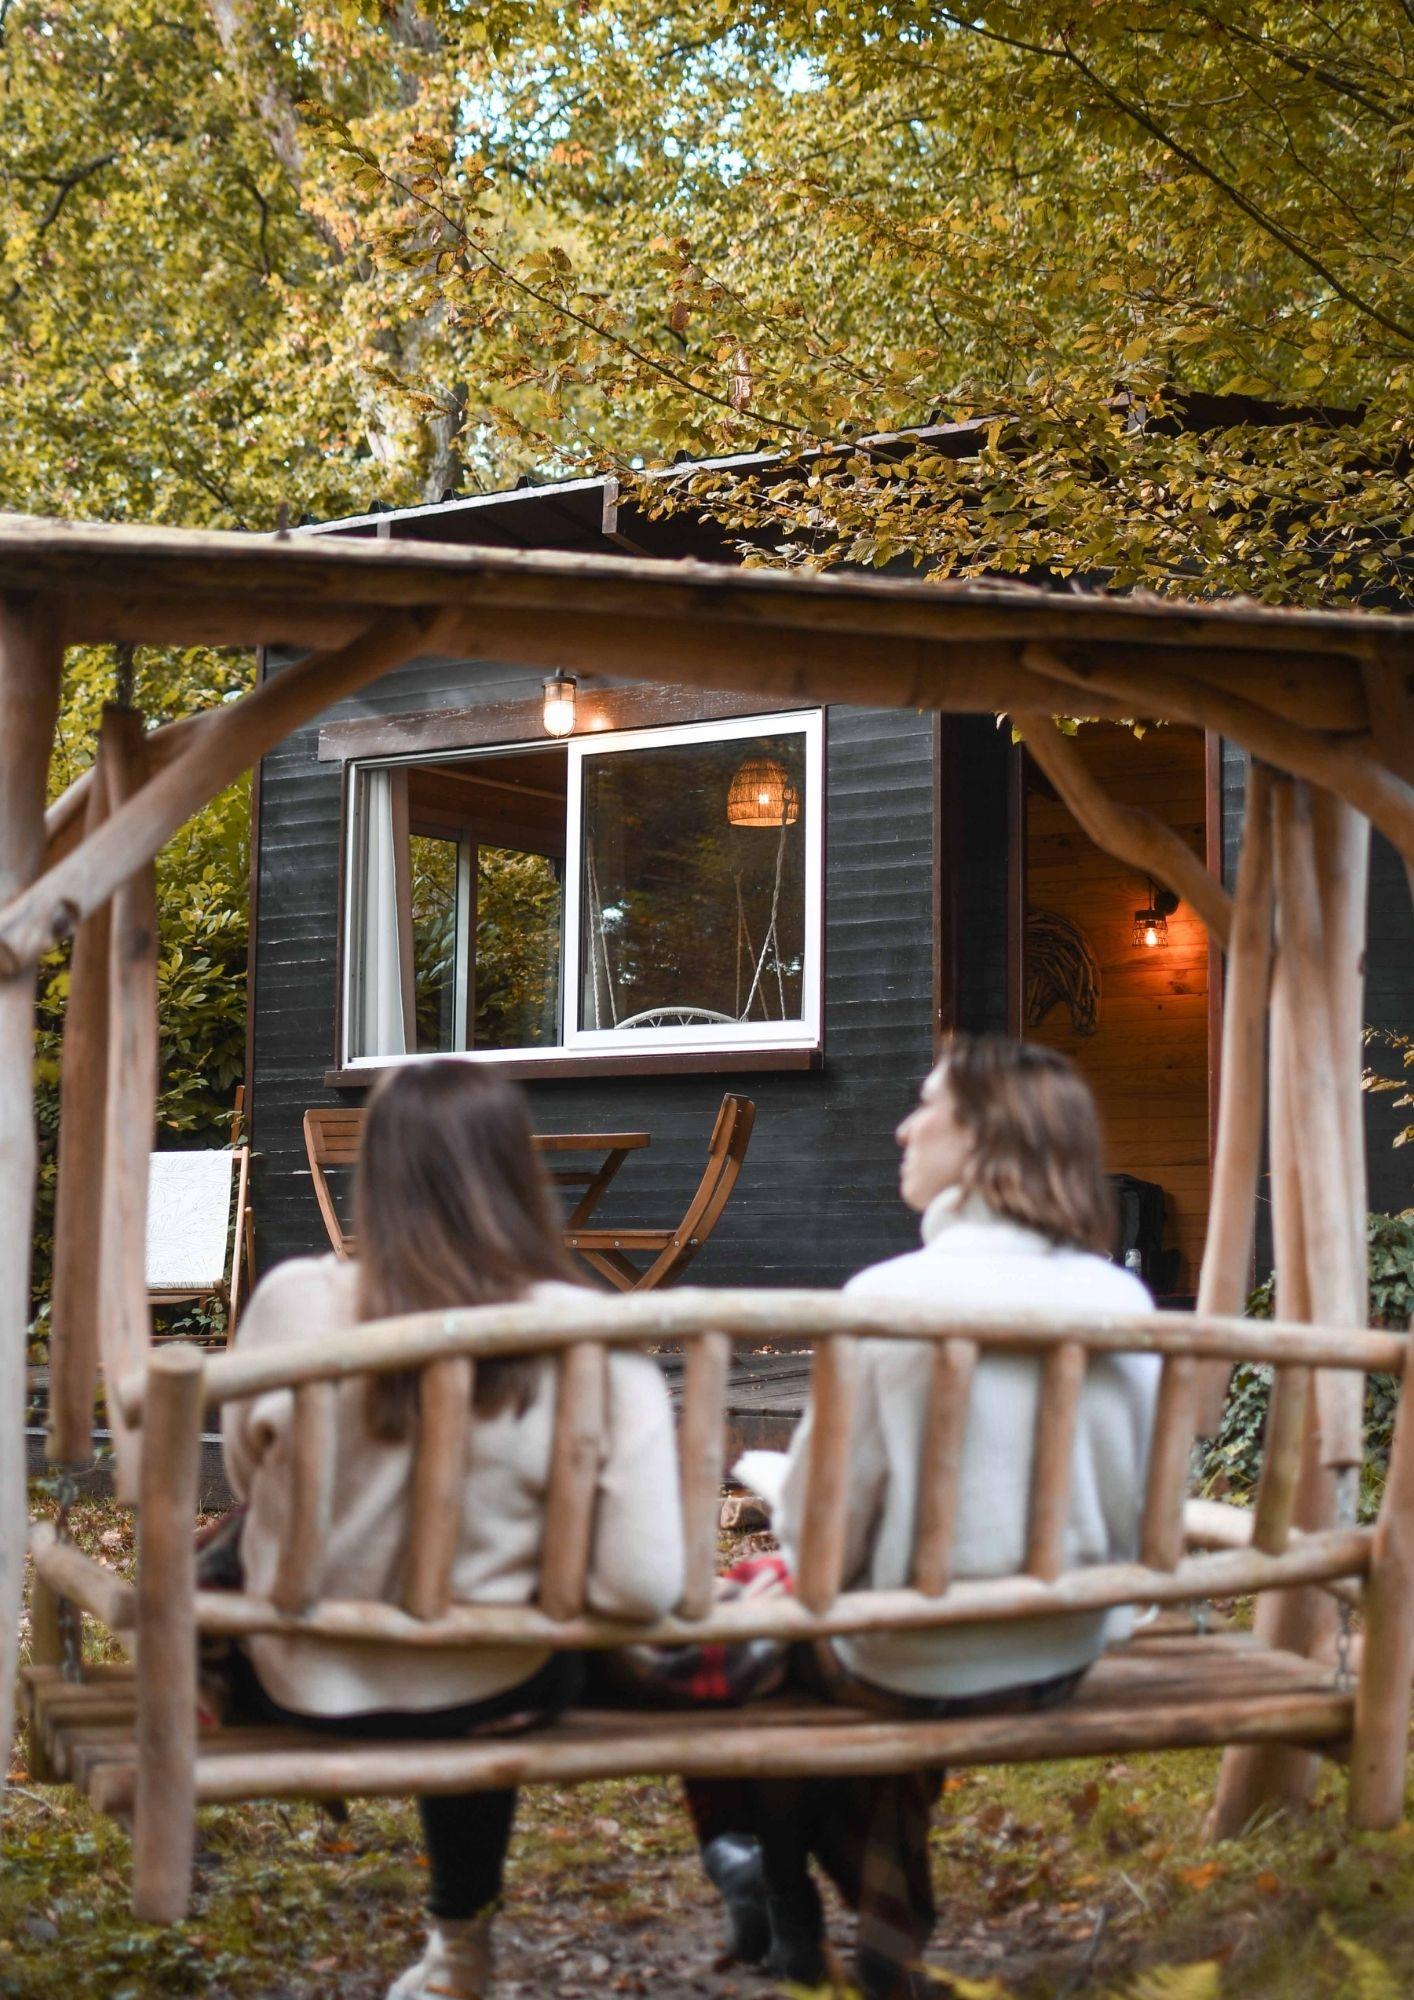 Cabane dans la bois cosy près de paris - automne